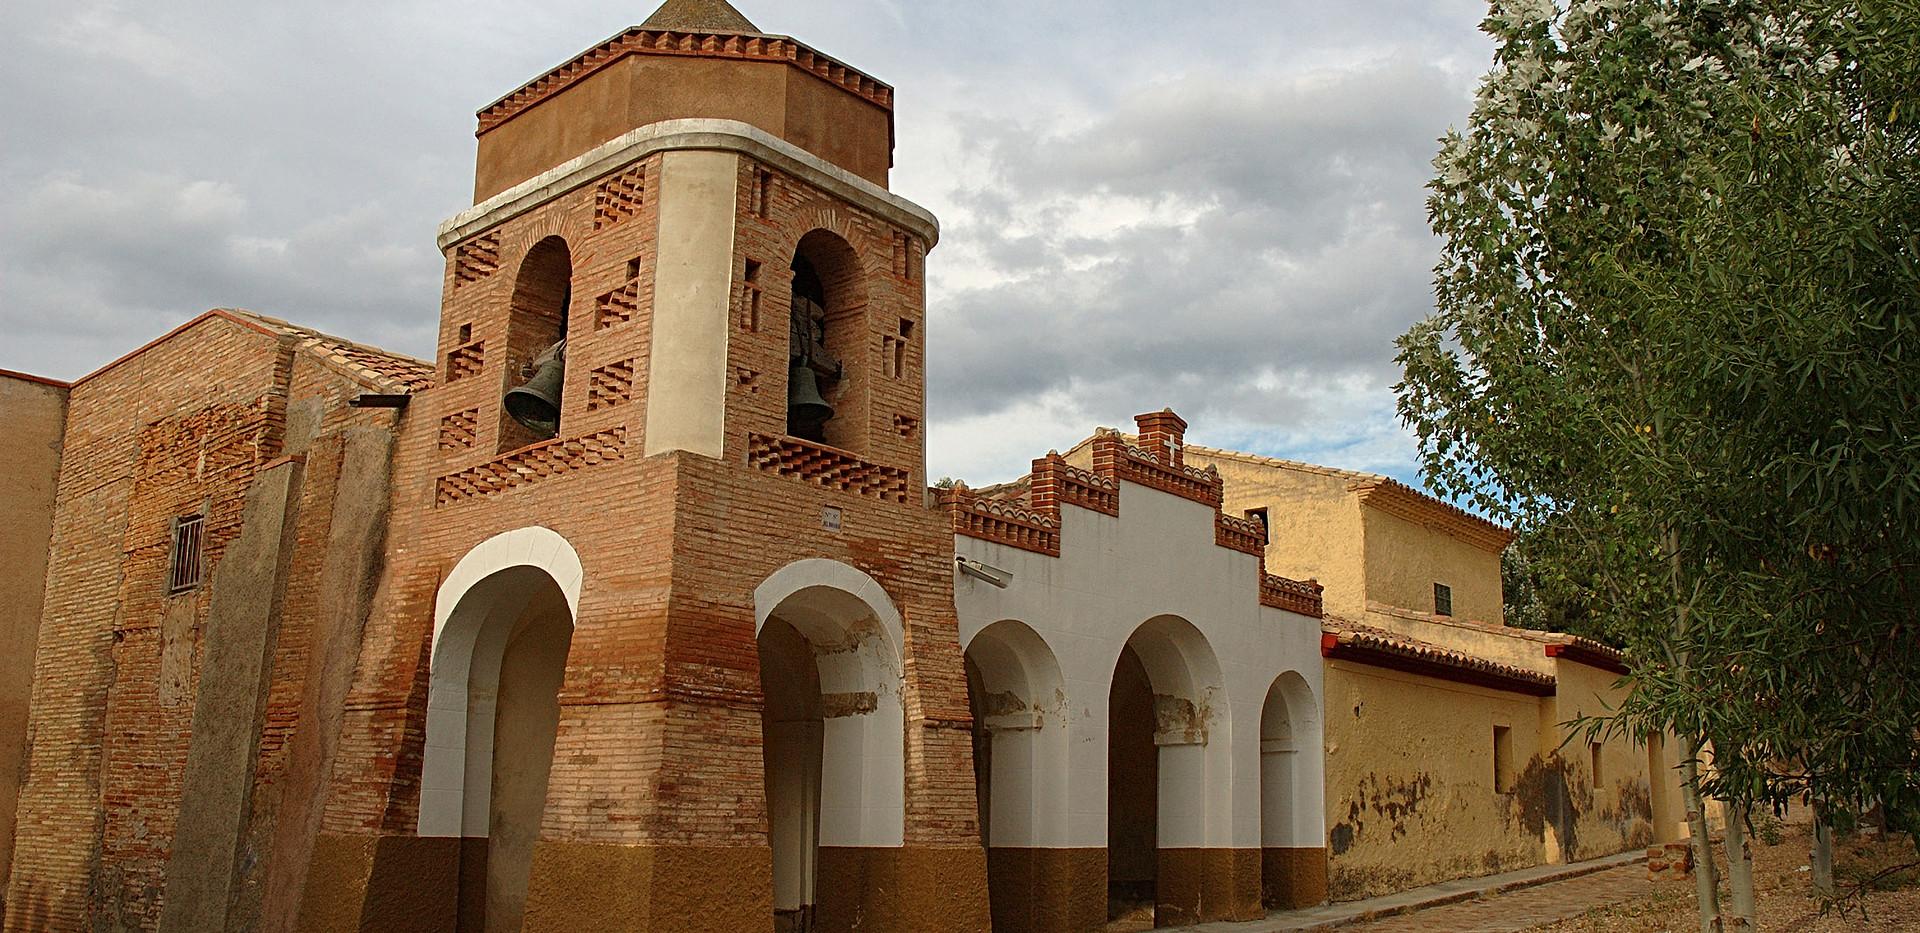 Iglesia / Church